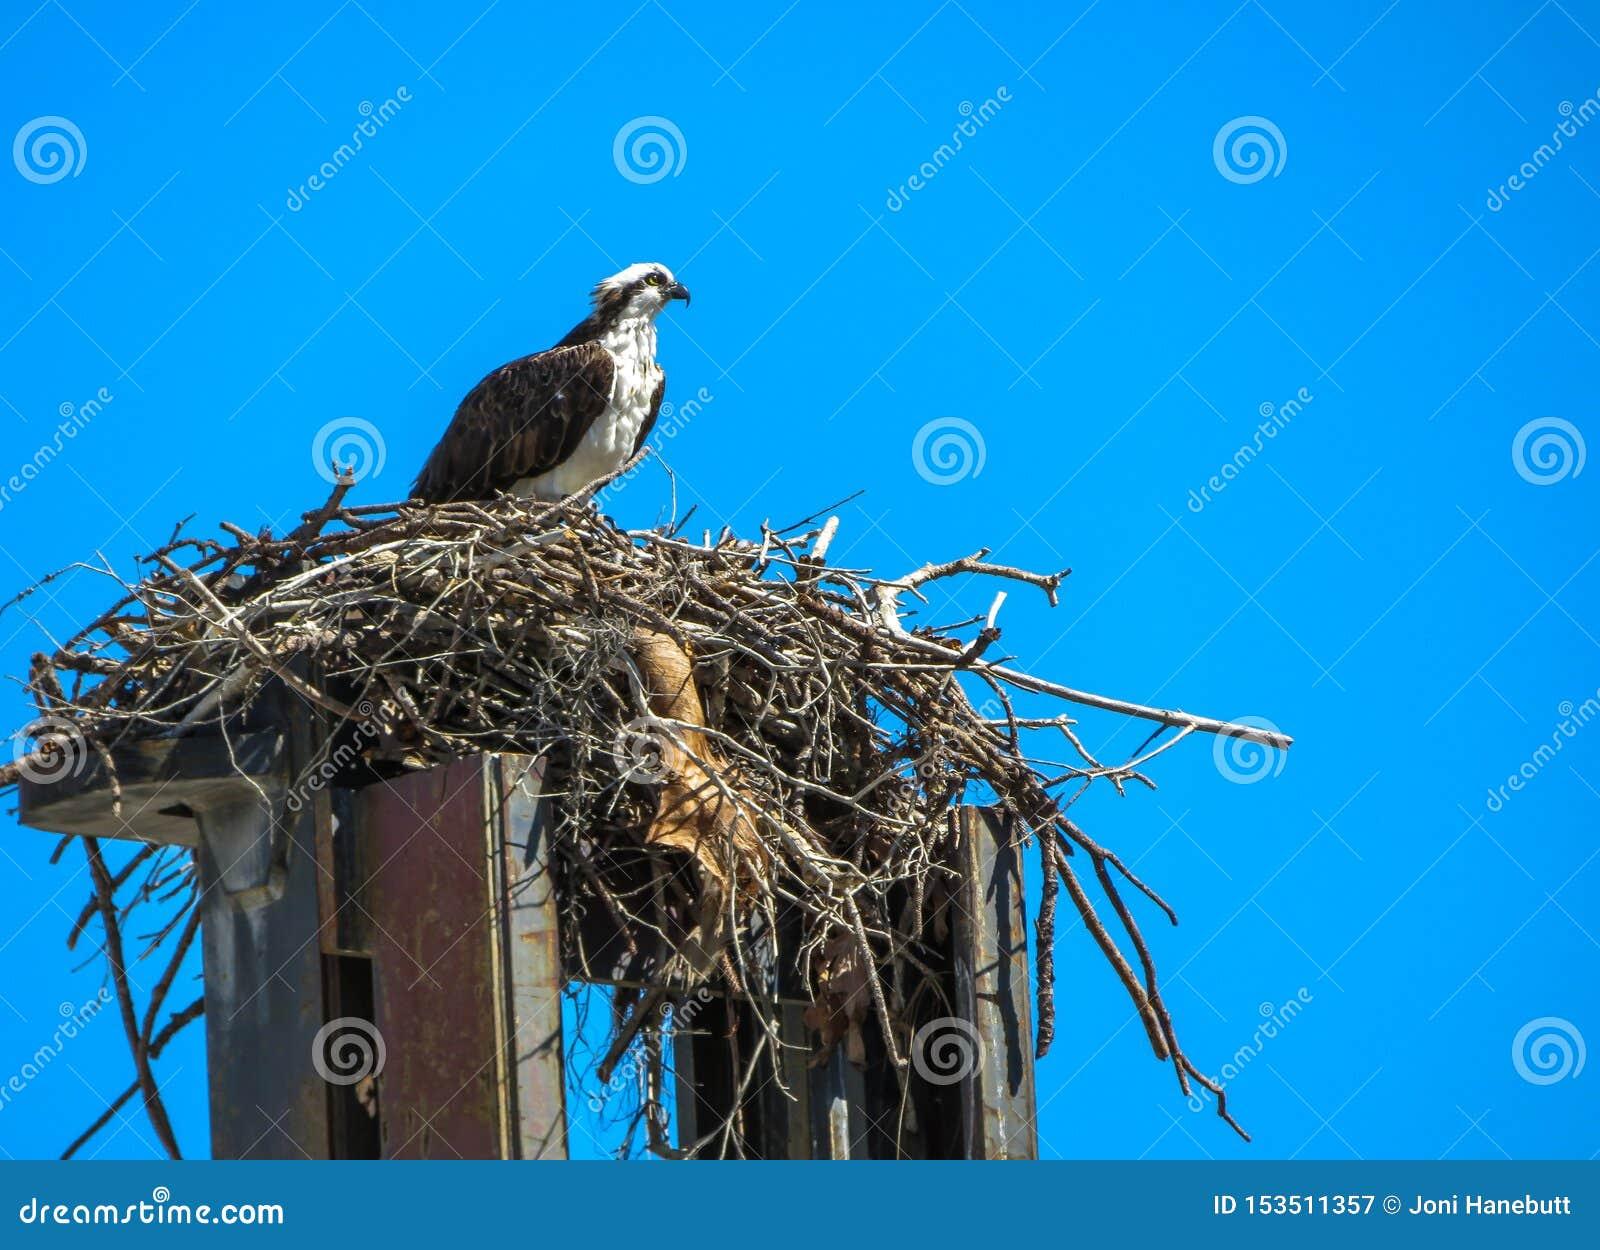 Μια συνεδρίαση osprey πάνω από forklift